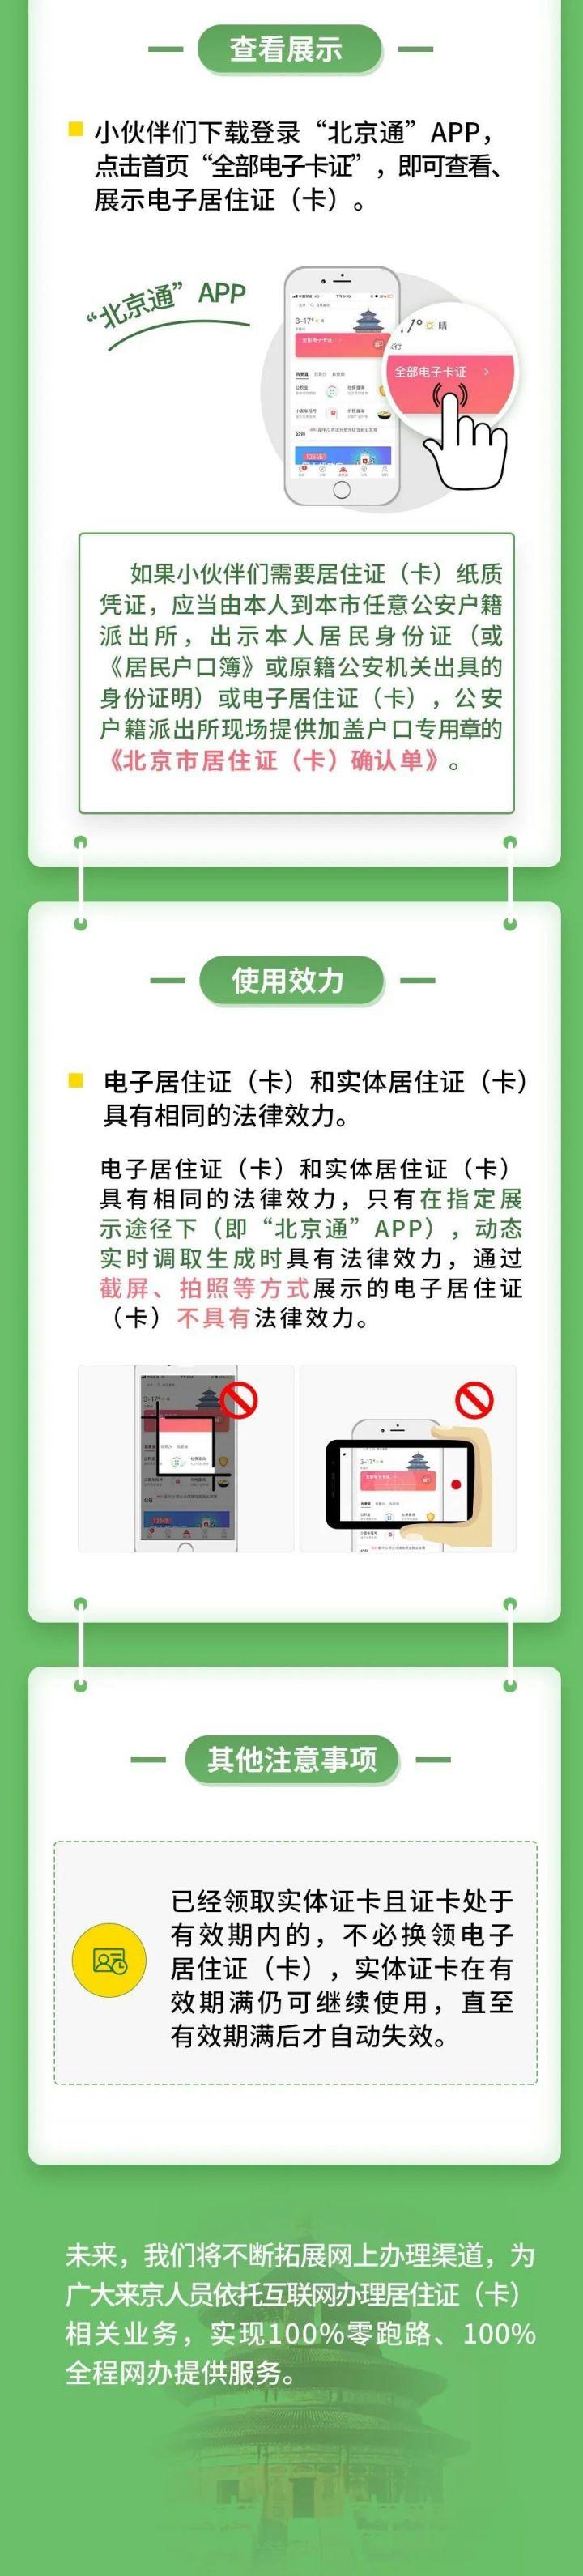 北京居住證(卡)電子版怎么弄?一圖讀懂